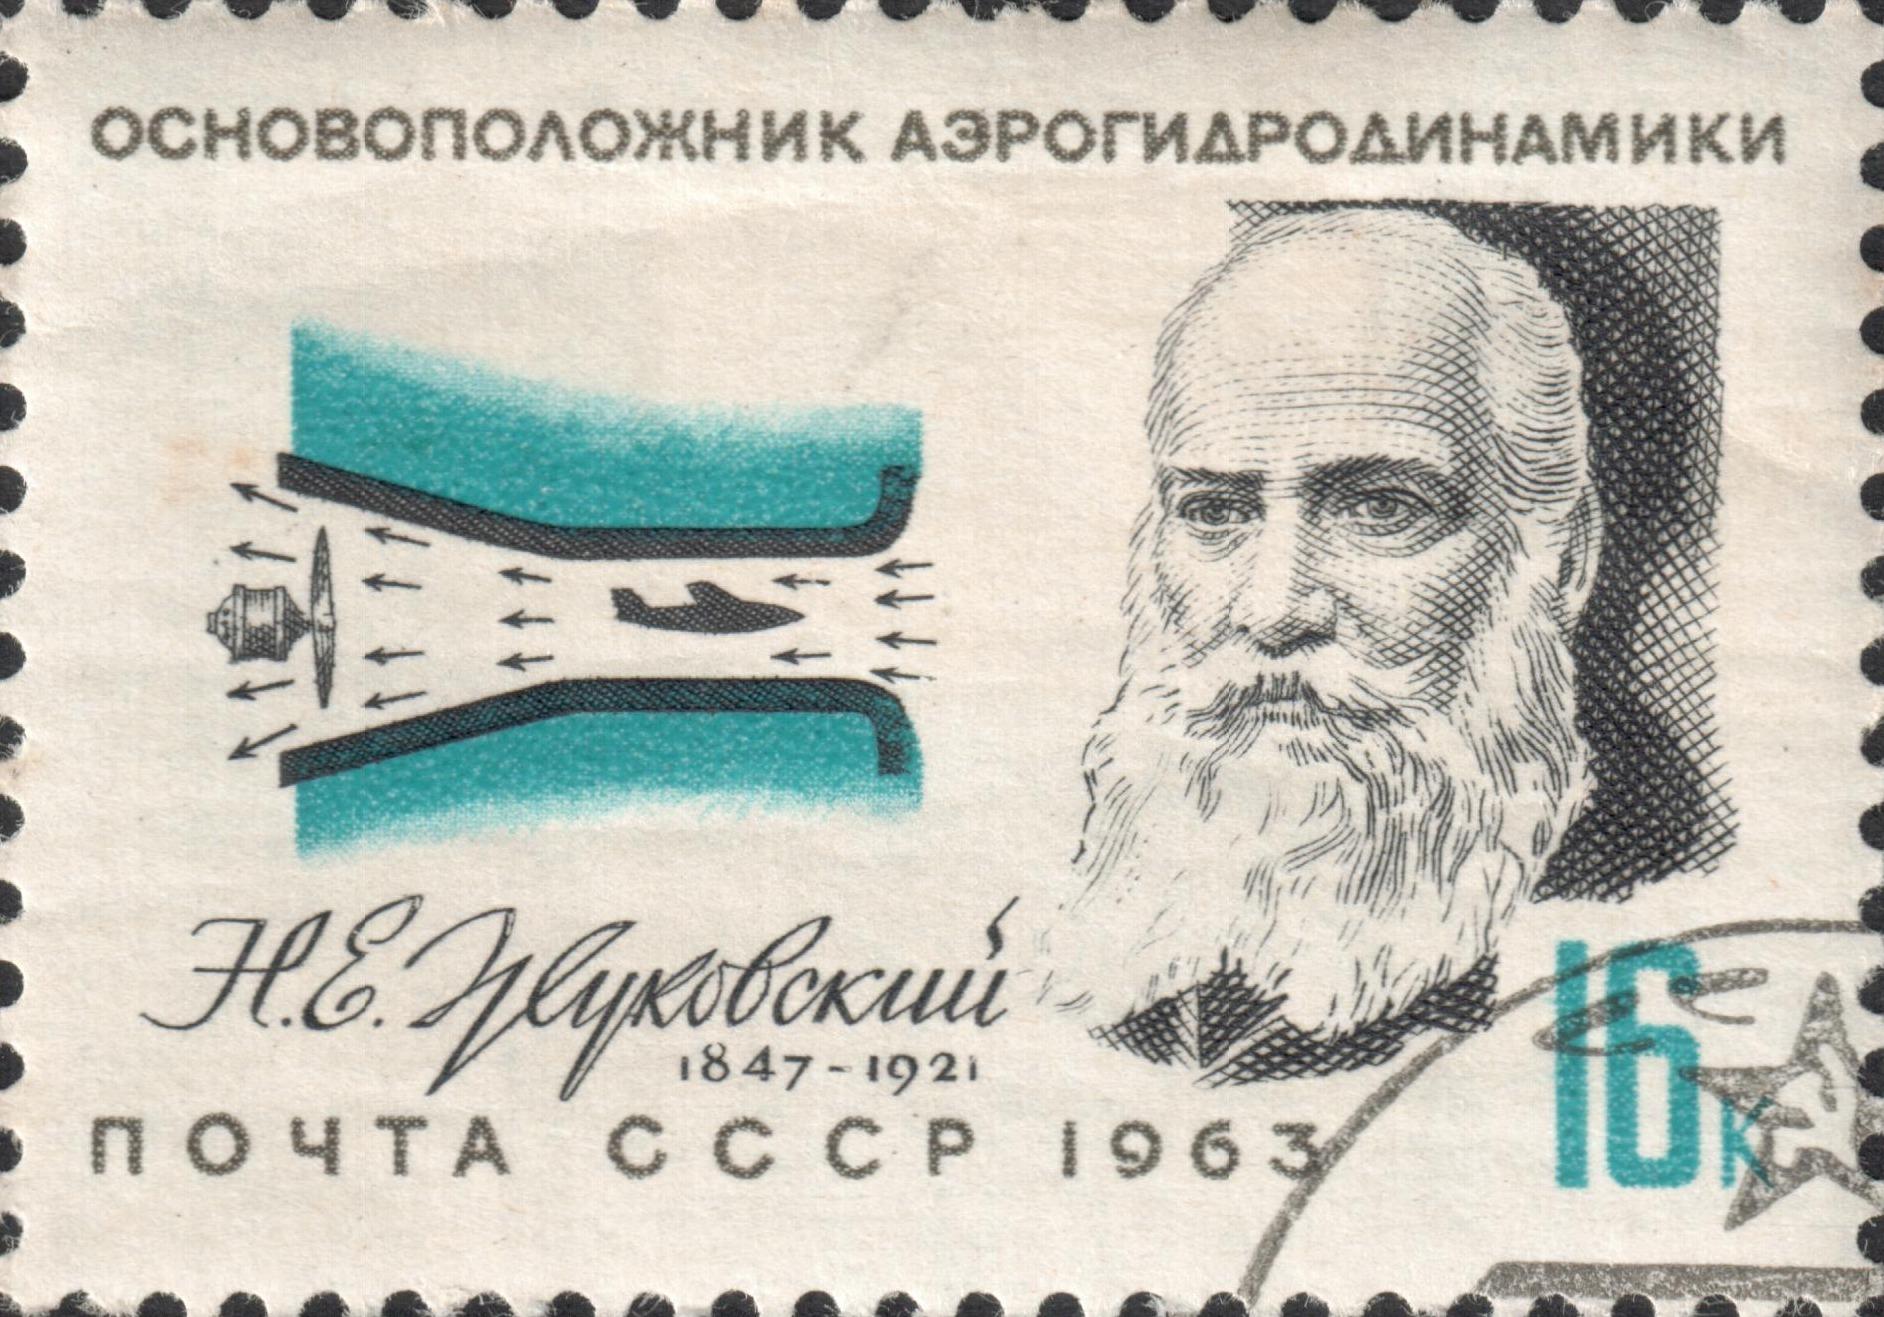 Основоположник аэрогидродинамики Николай Егорович Жуковский